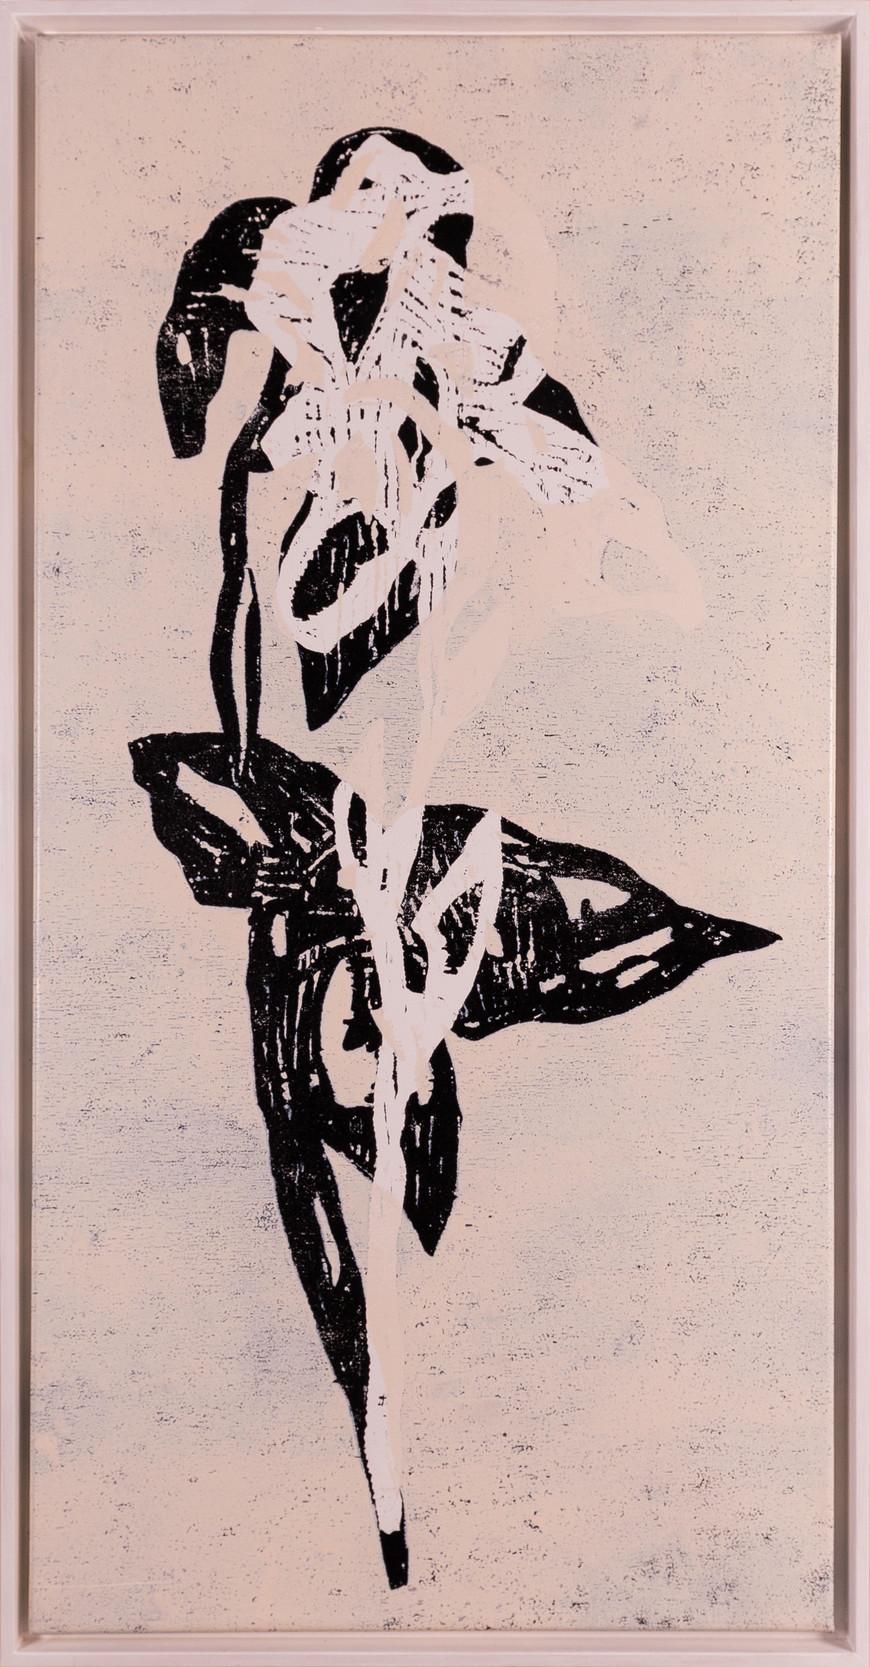 Vorschaubild des Kunstwerks 'Ohne Titel' aus dem Verleih der Artothek Hallstadt.